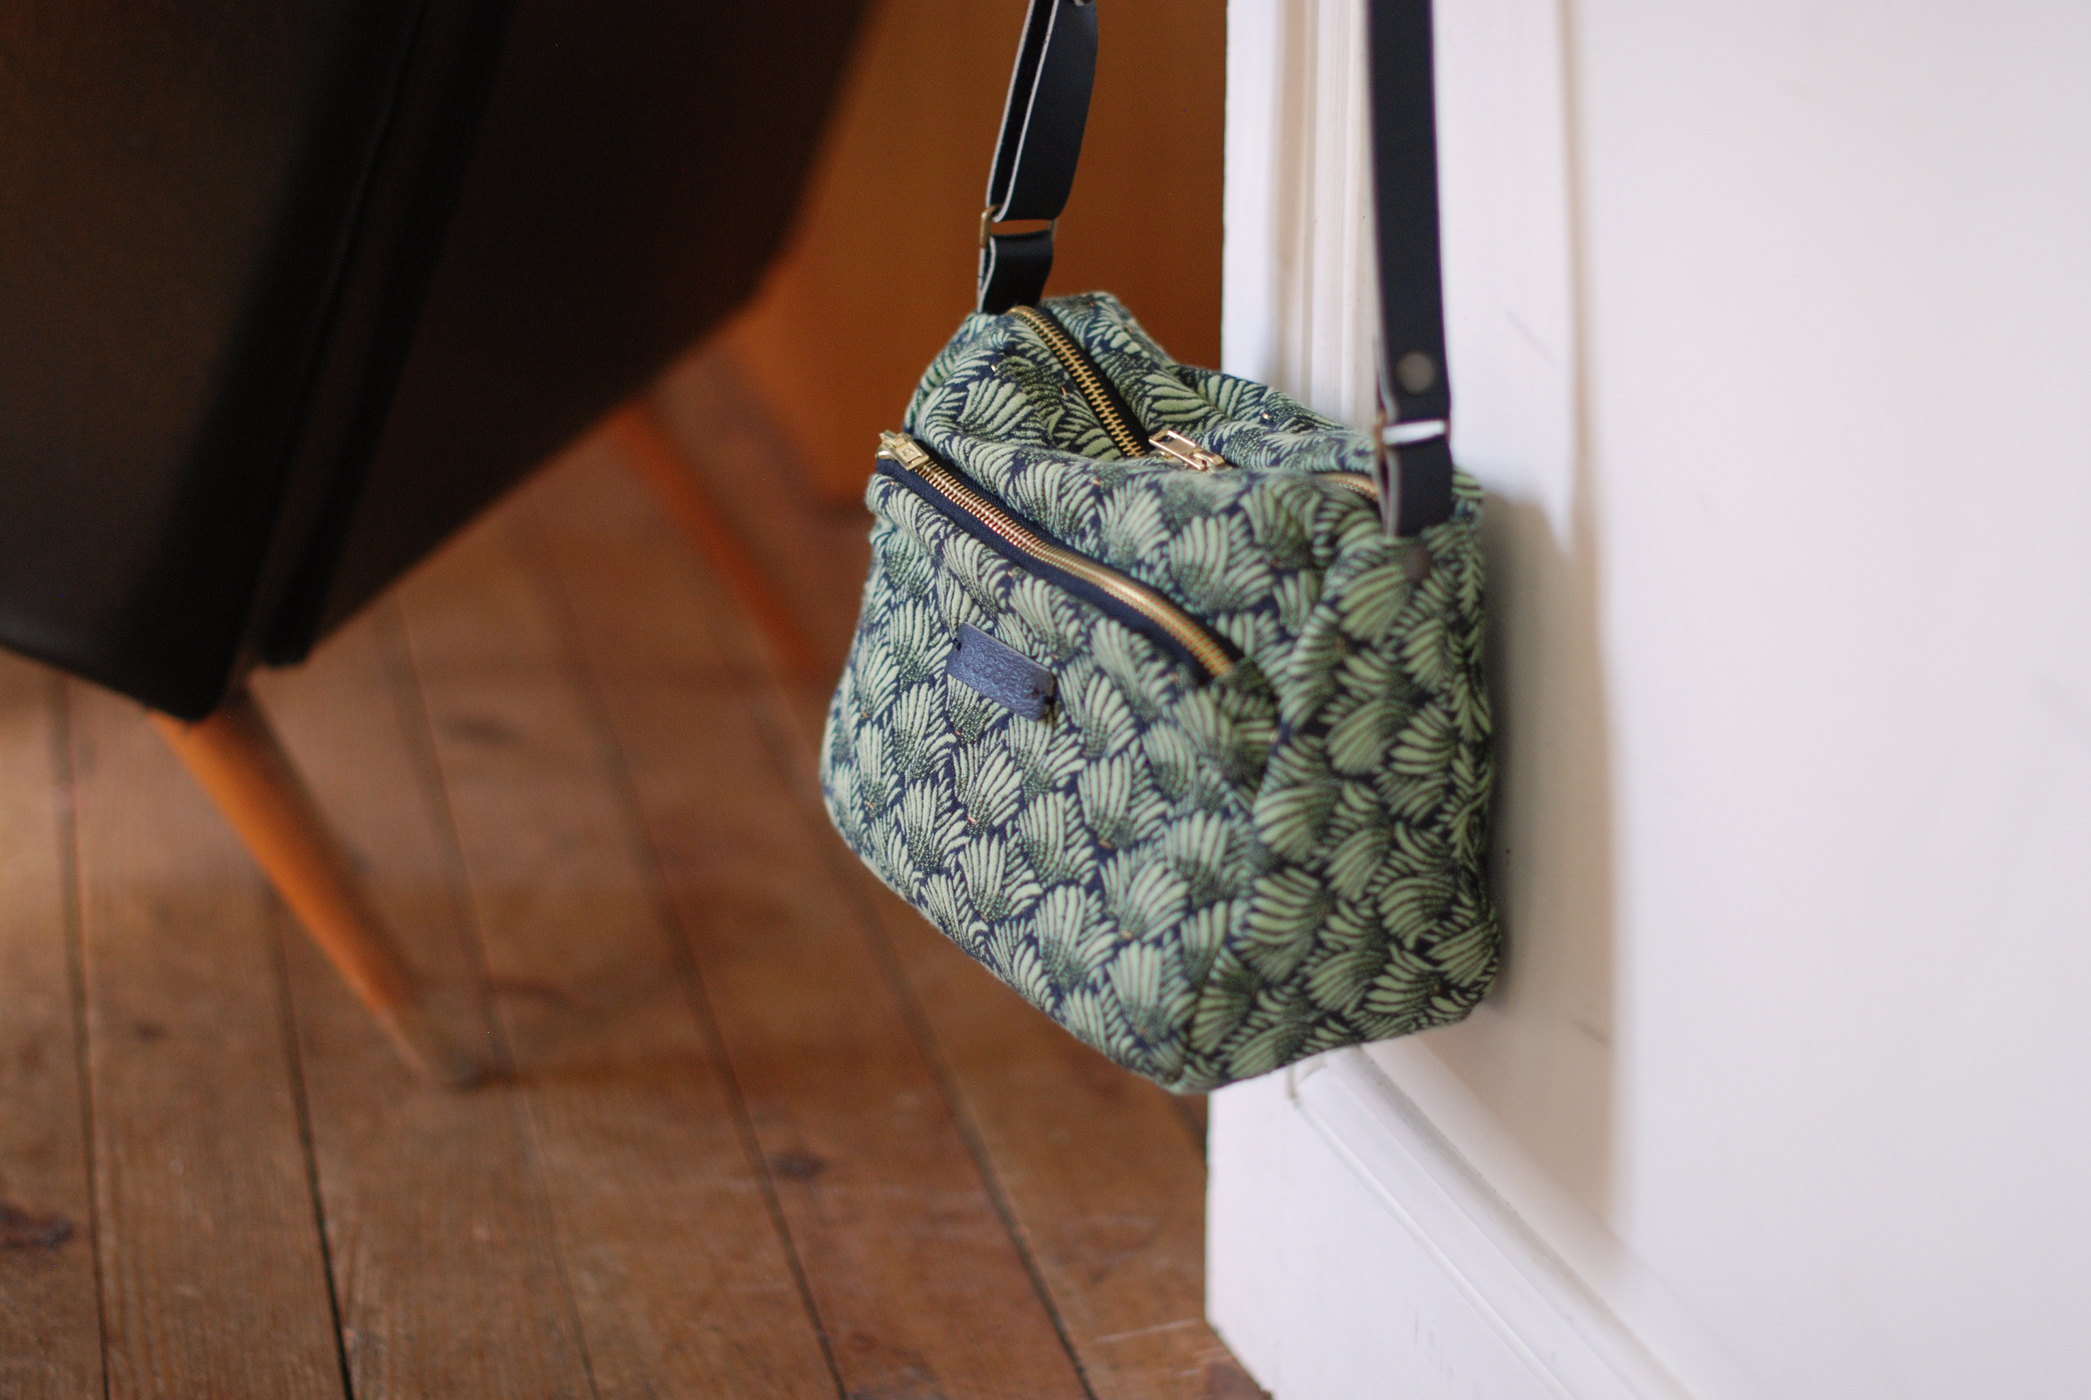 un sac à motifs vert et noir est suspendu à la poignée d'une porte